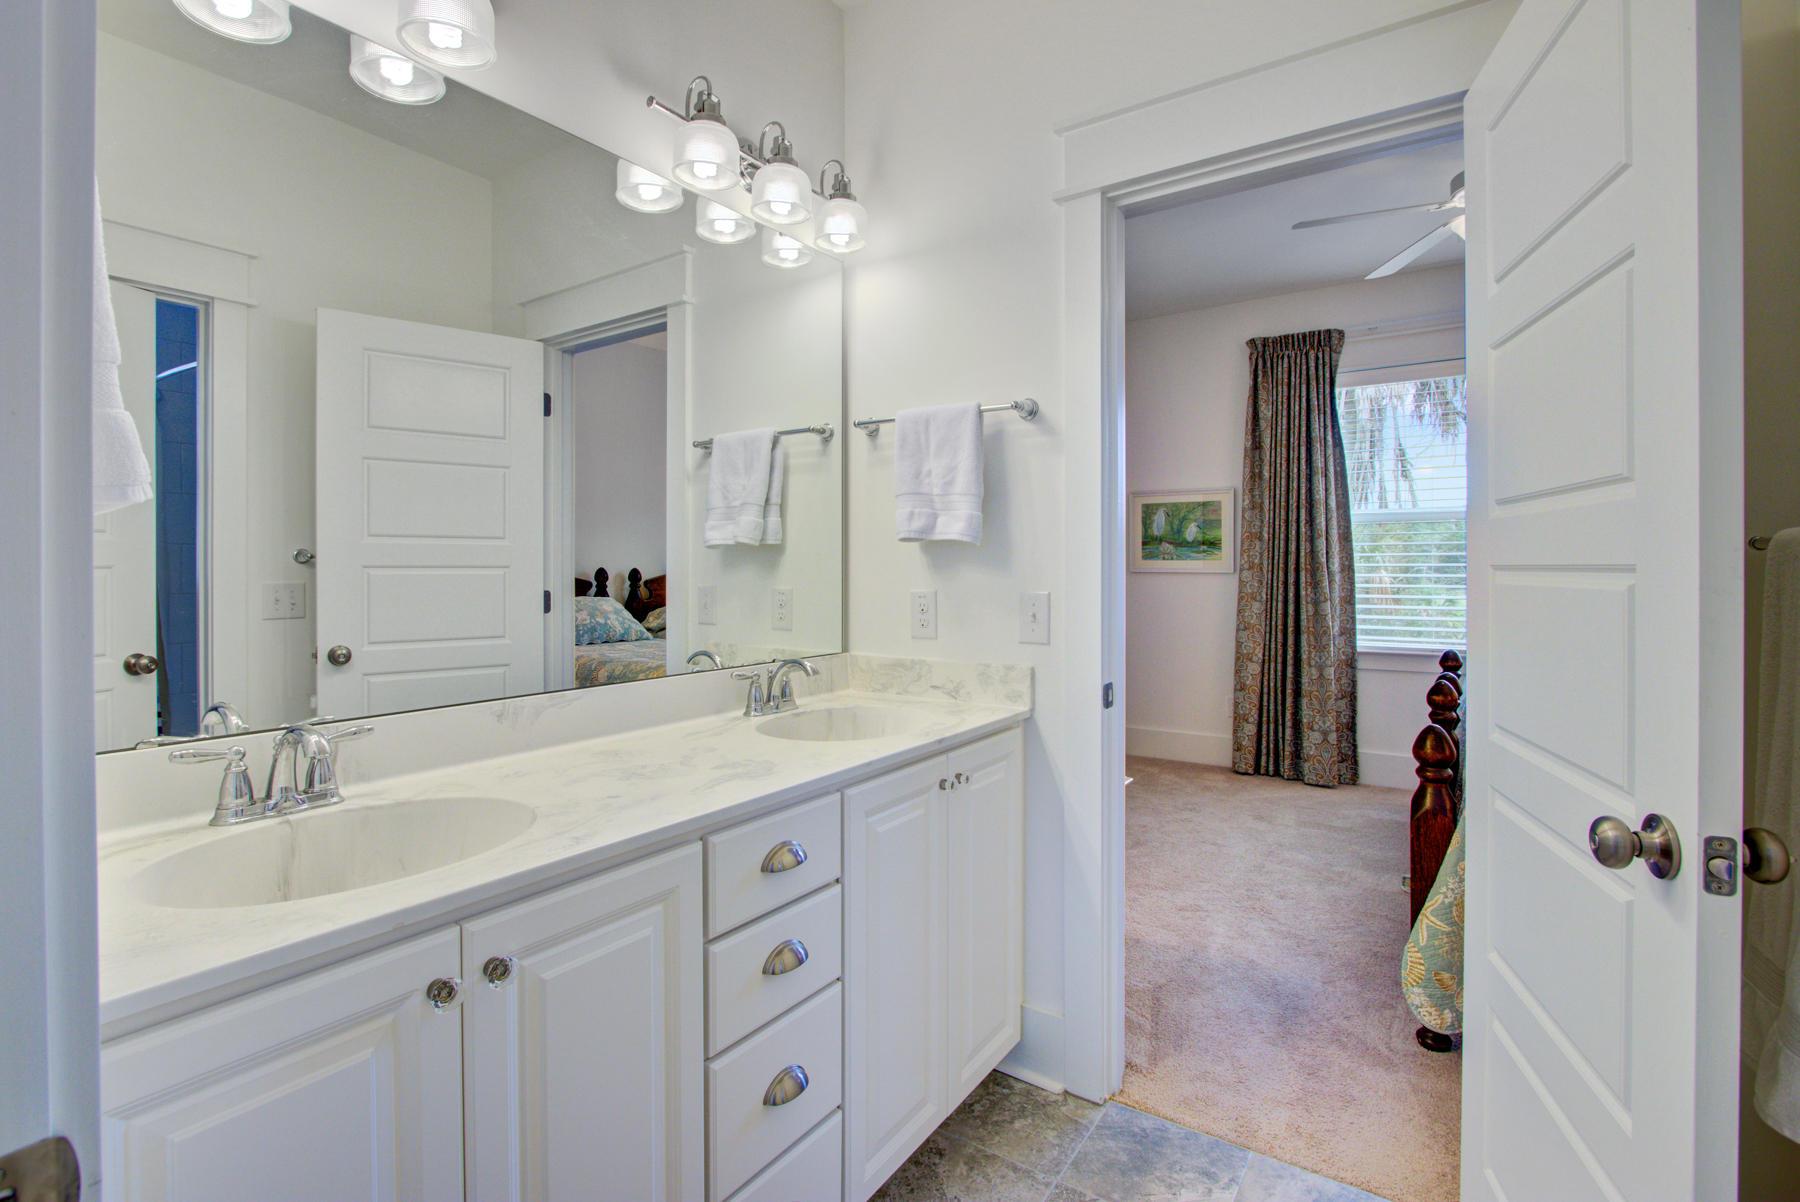 Dunes West Homes For Sale - 2984 Yachtsman, Mount Pleasant, SC - 3